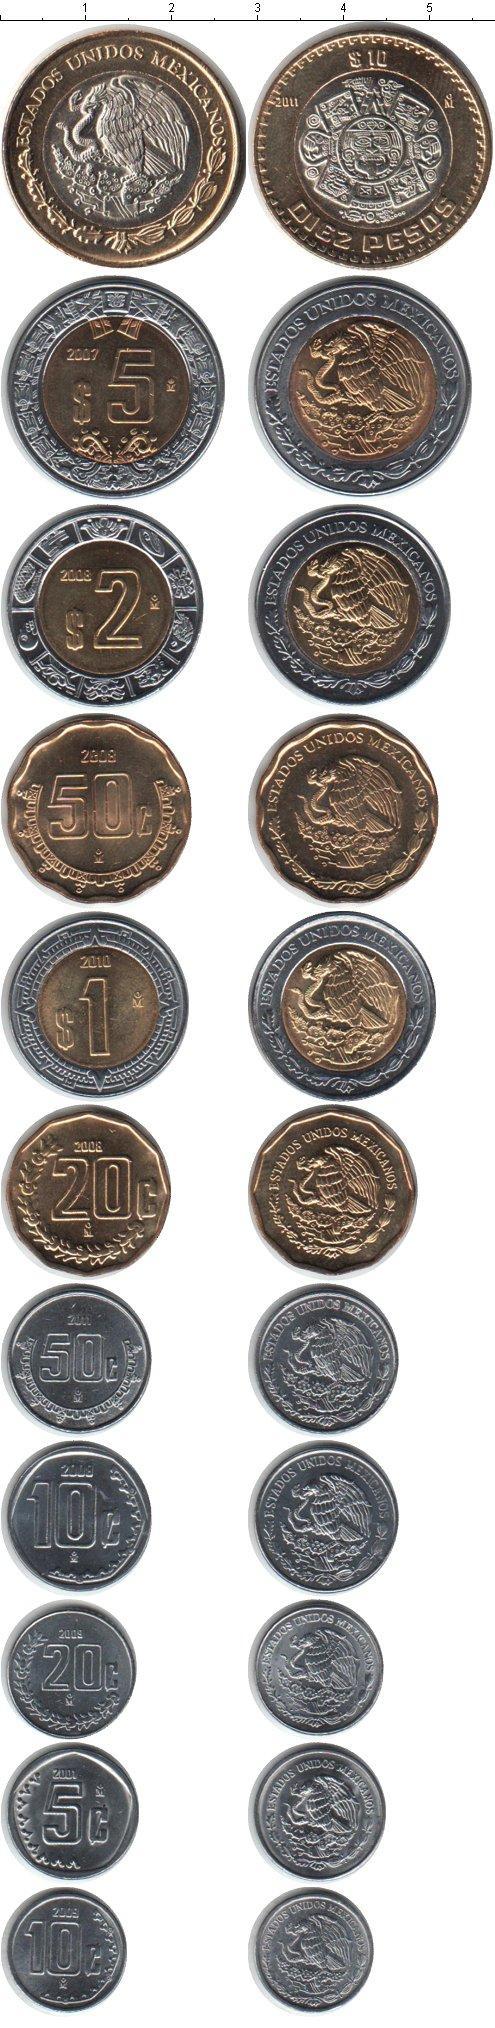 Каталог монет - Мексика Мексика 2007-2011